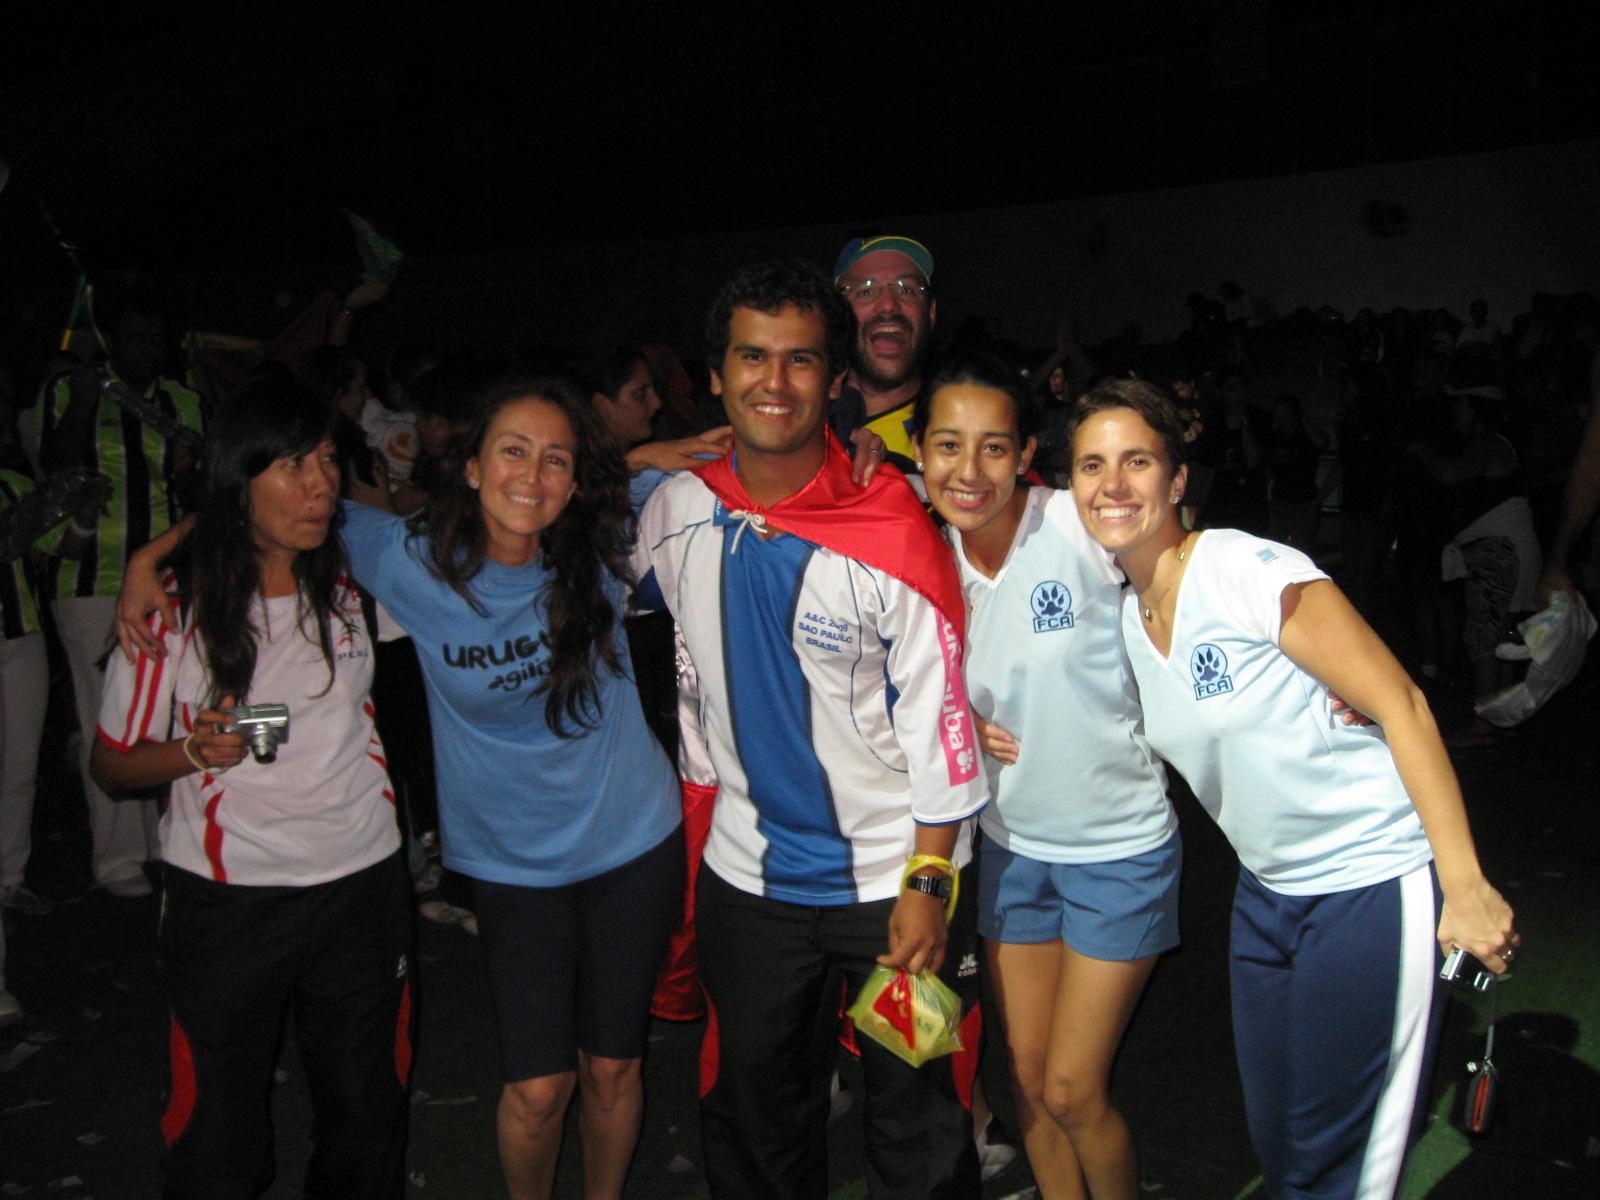 Con amigos de Argentina: Leticia, Mara, Rodrigo y María